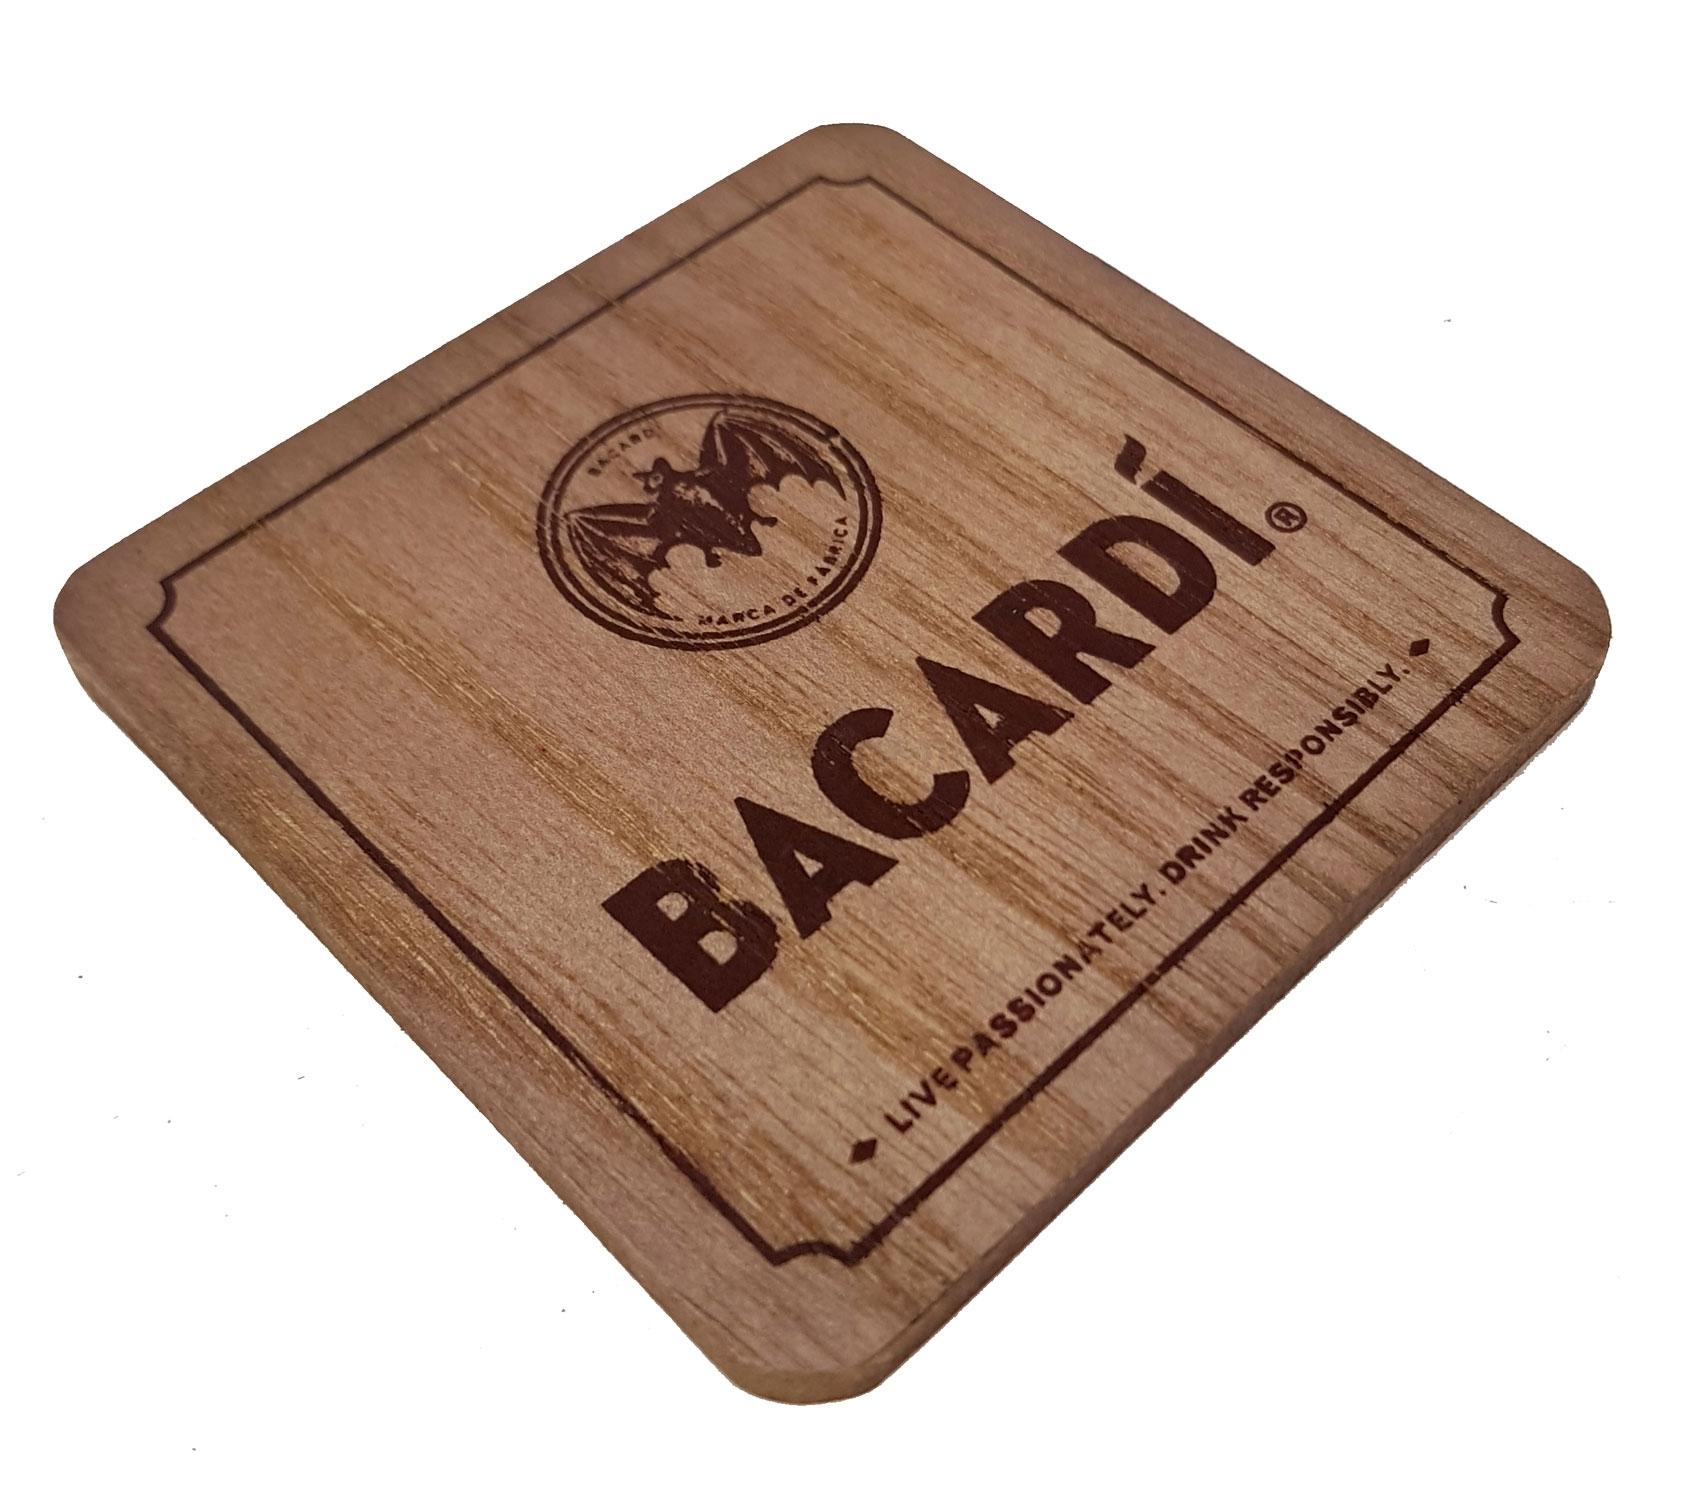 2x Bacardi Holz-Look Untersetzer Bierdeckel Verschiedene Muster